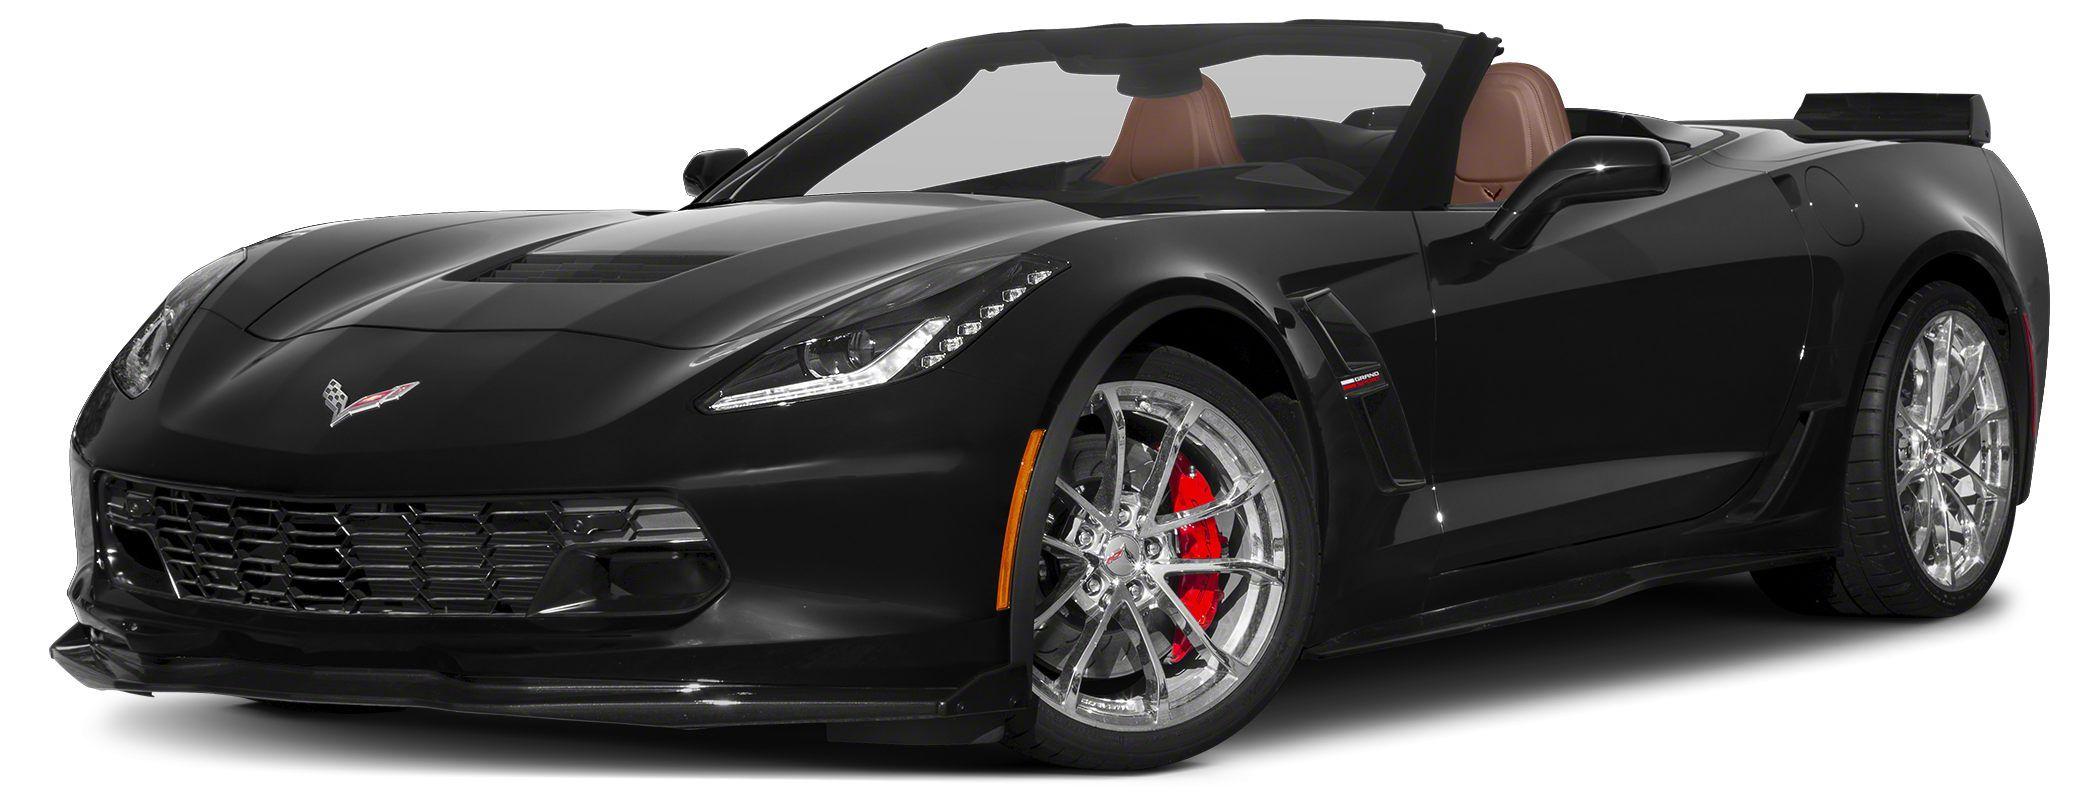 New 2018 Chevrolet Corvette Grand Sport for sale at Paul